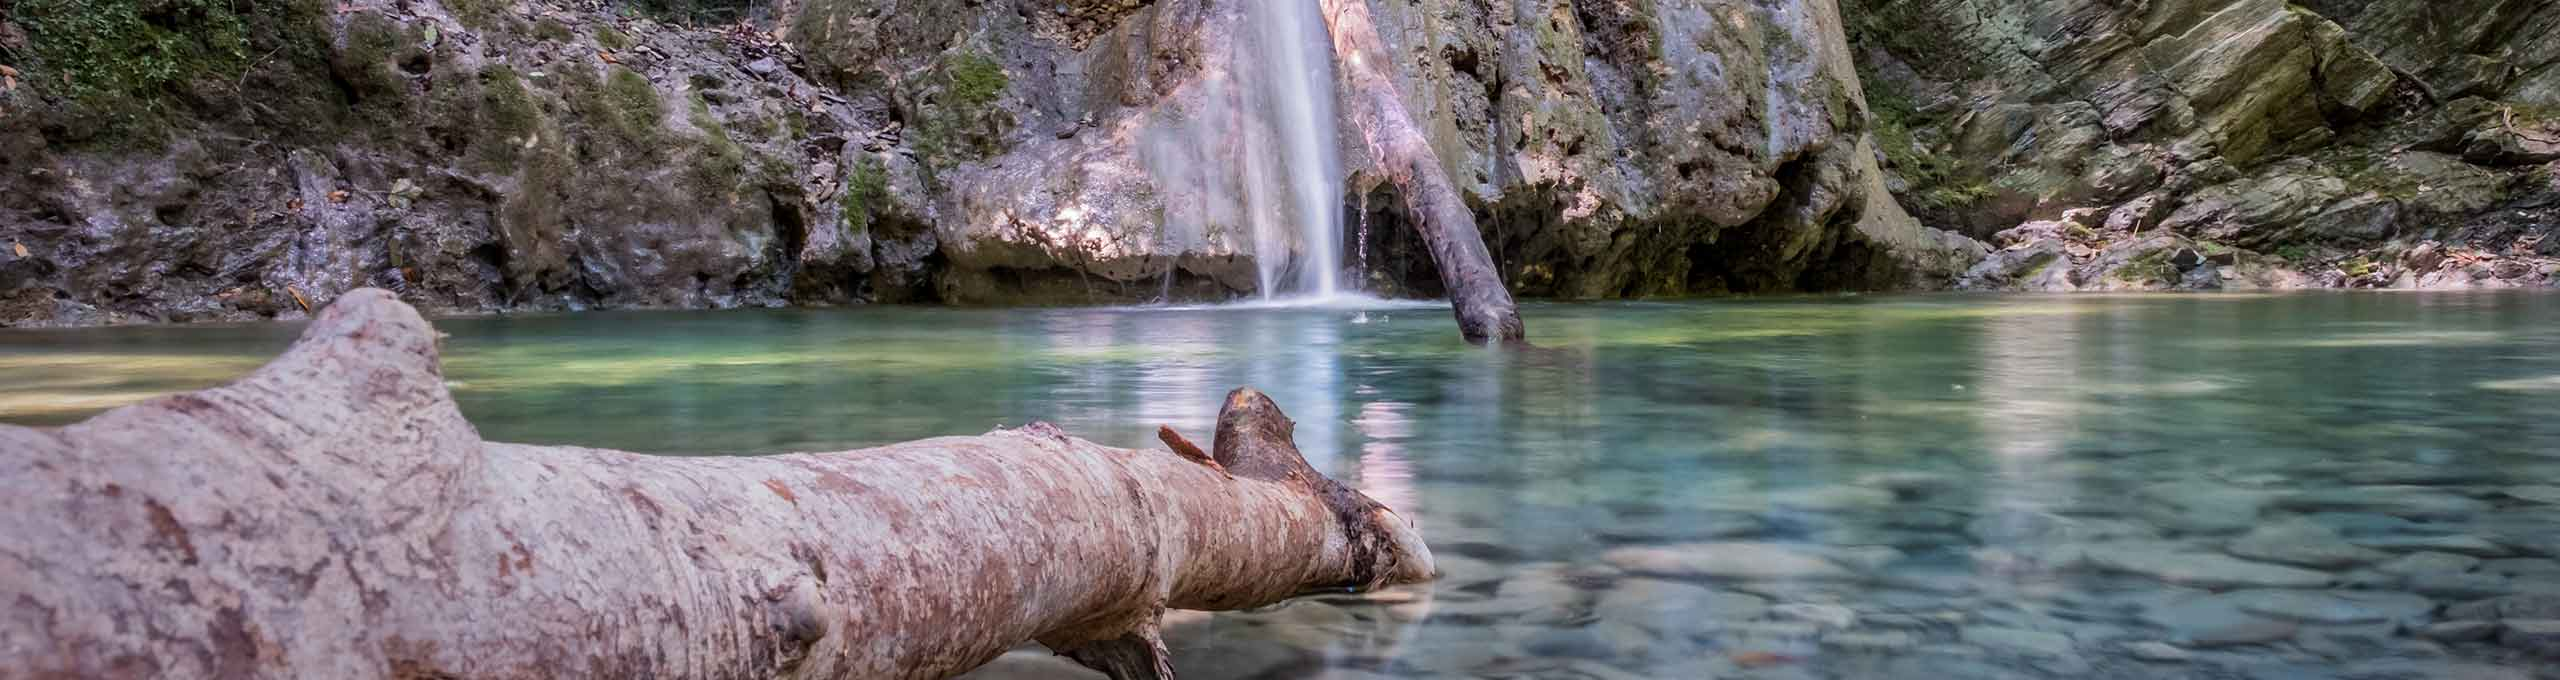 Acqua cristallina nella cascata Ghiaccioni